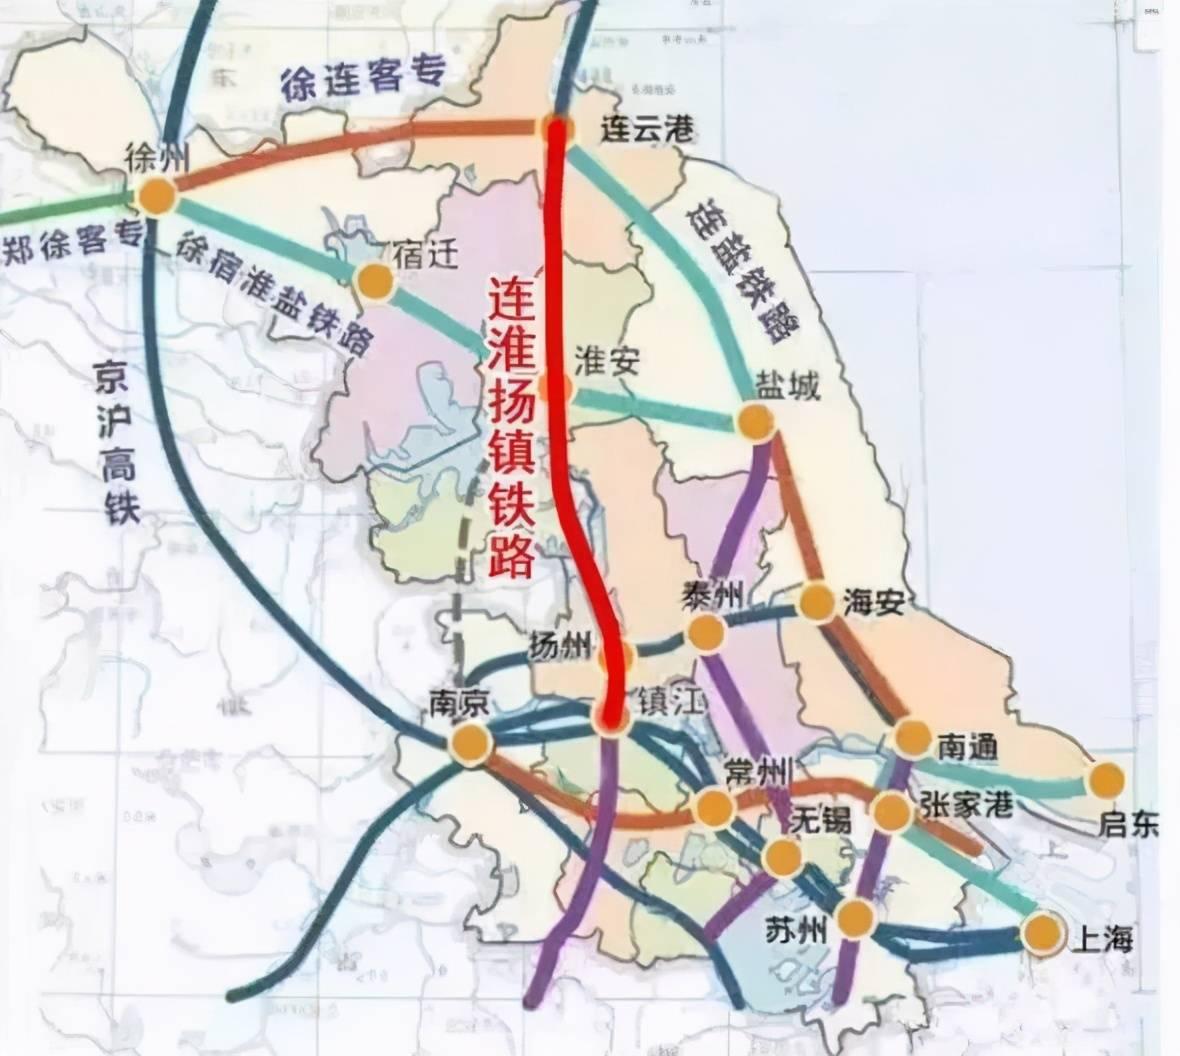 上海到武汉高铁票照片